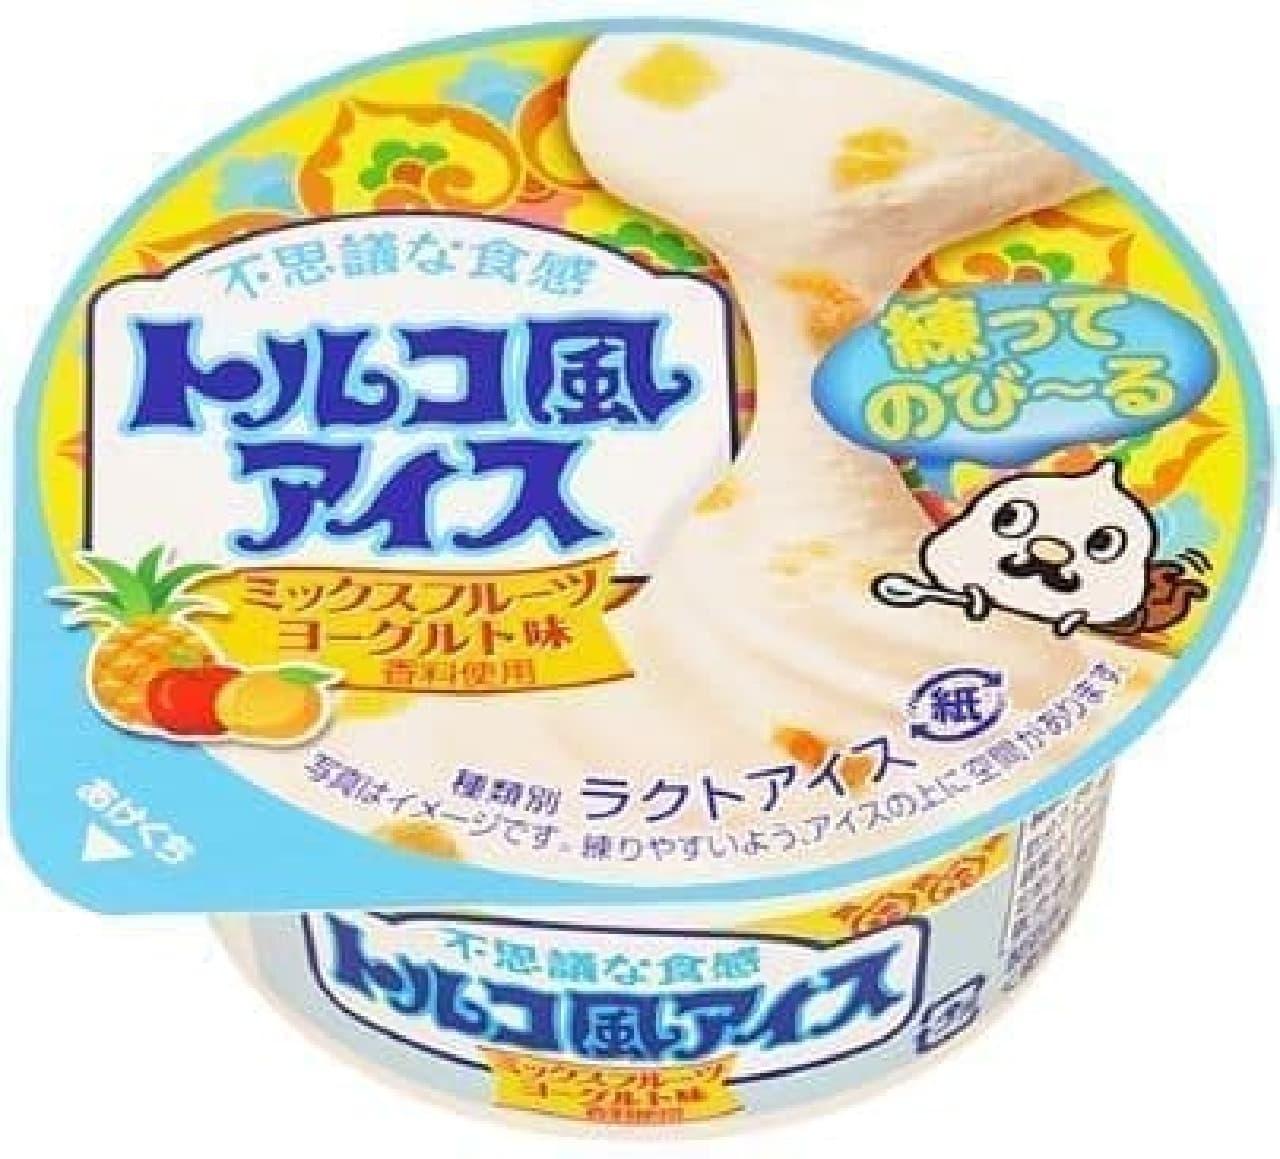 ファミリーマート「ロッテ トルコ風アイス ミックスフルーツヨーグルト味」